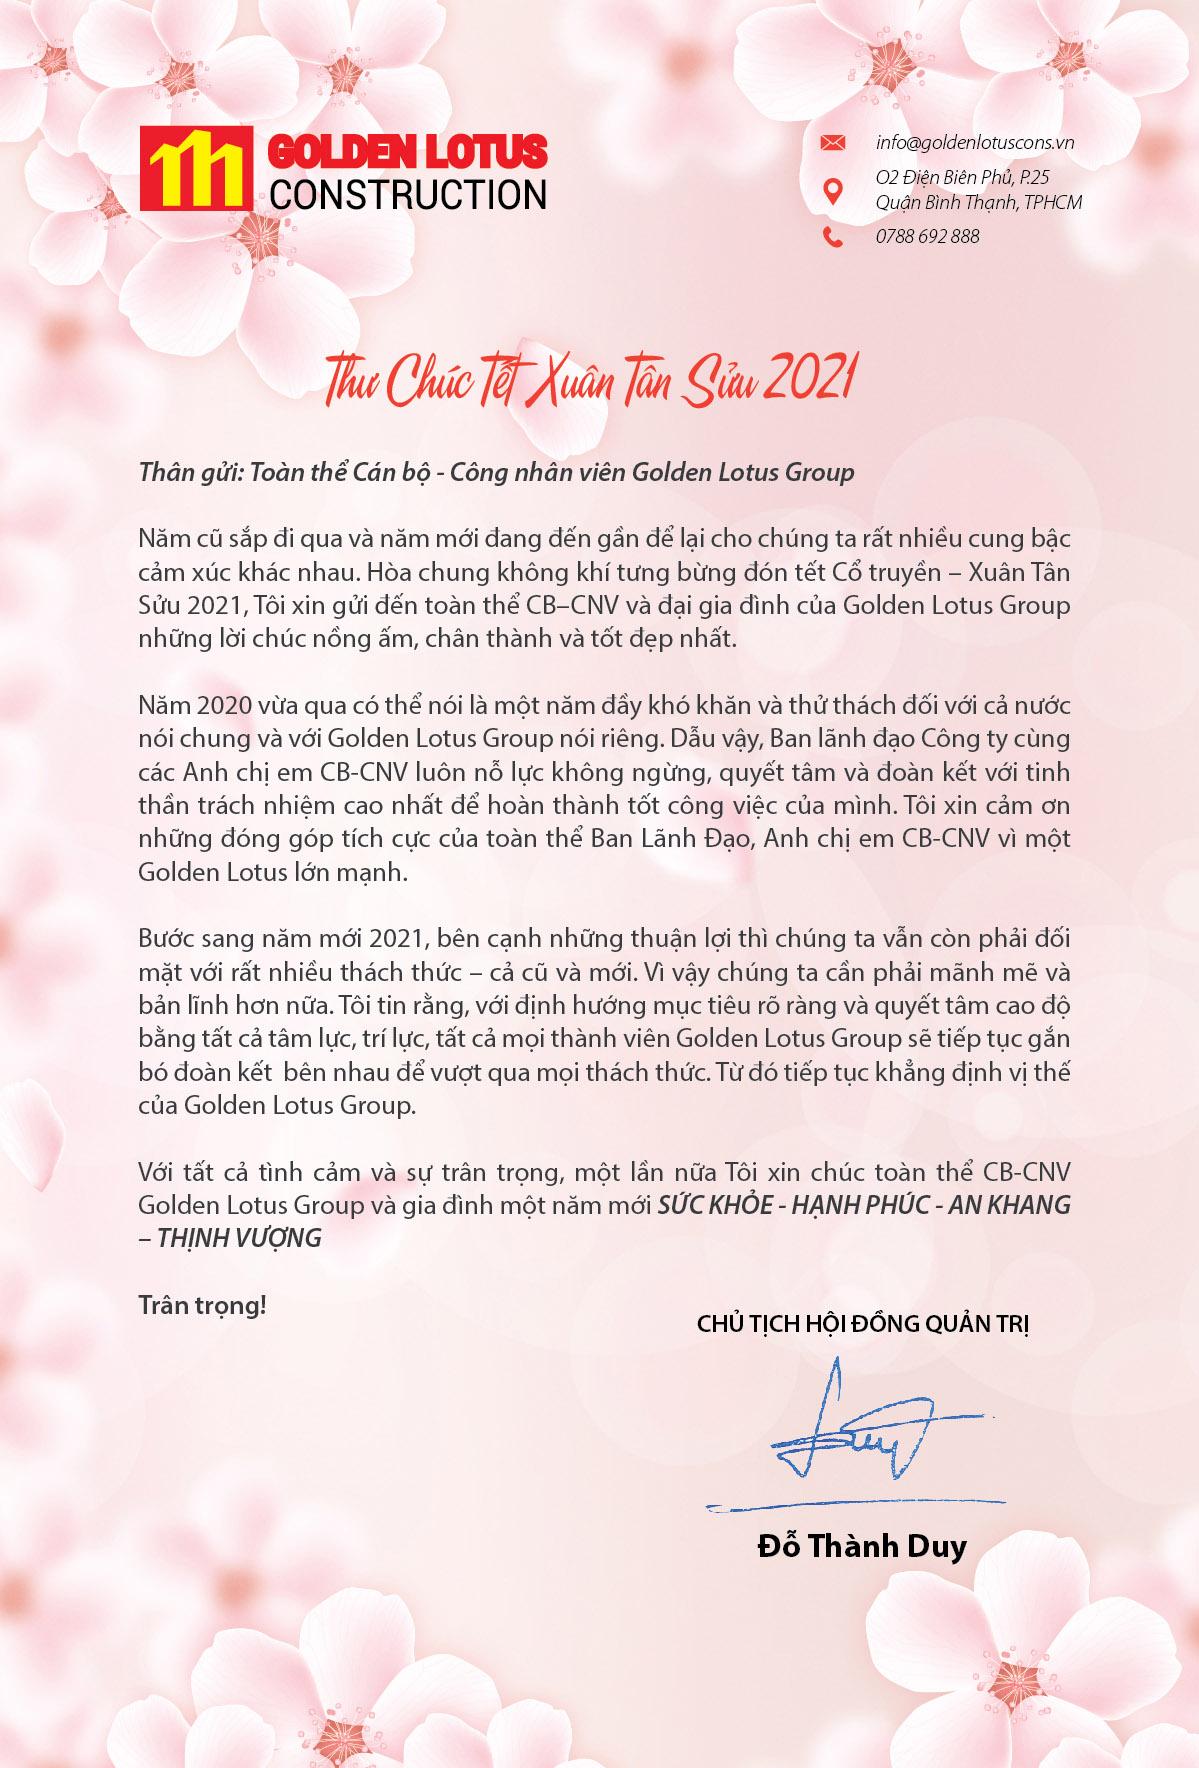 Thư chúc xuân Tân Sửu 2021 của Chủ tịch Hội Đồng Quản Trị Golden Lotus Construction